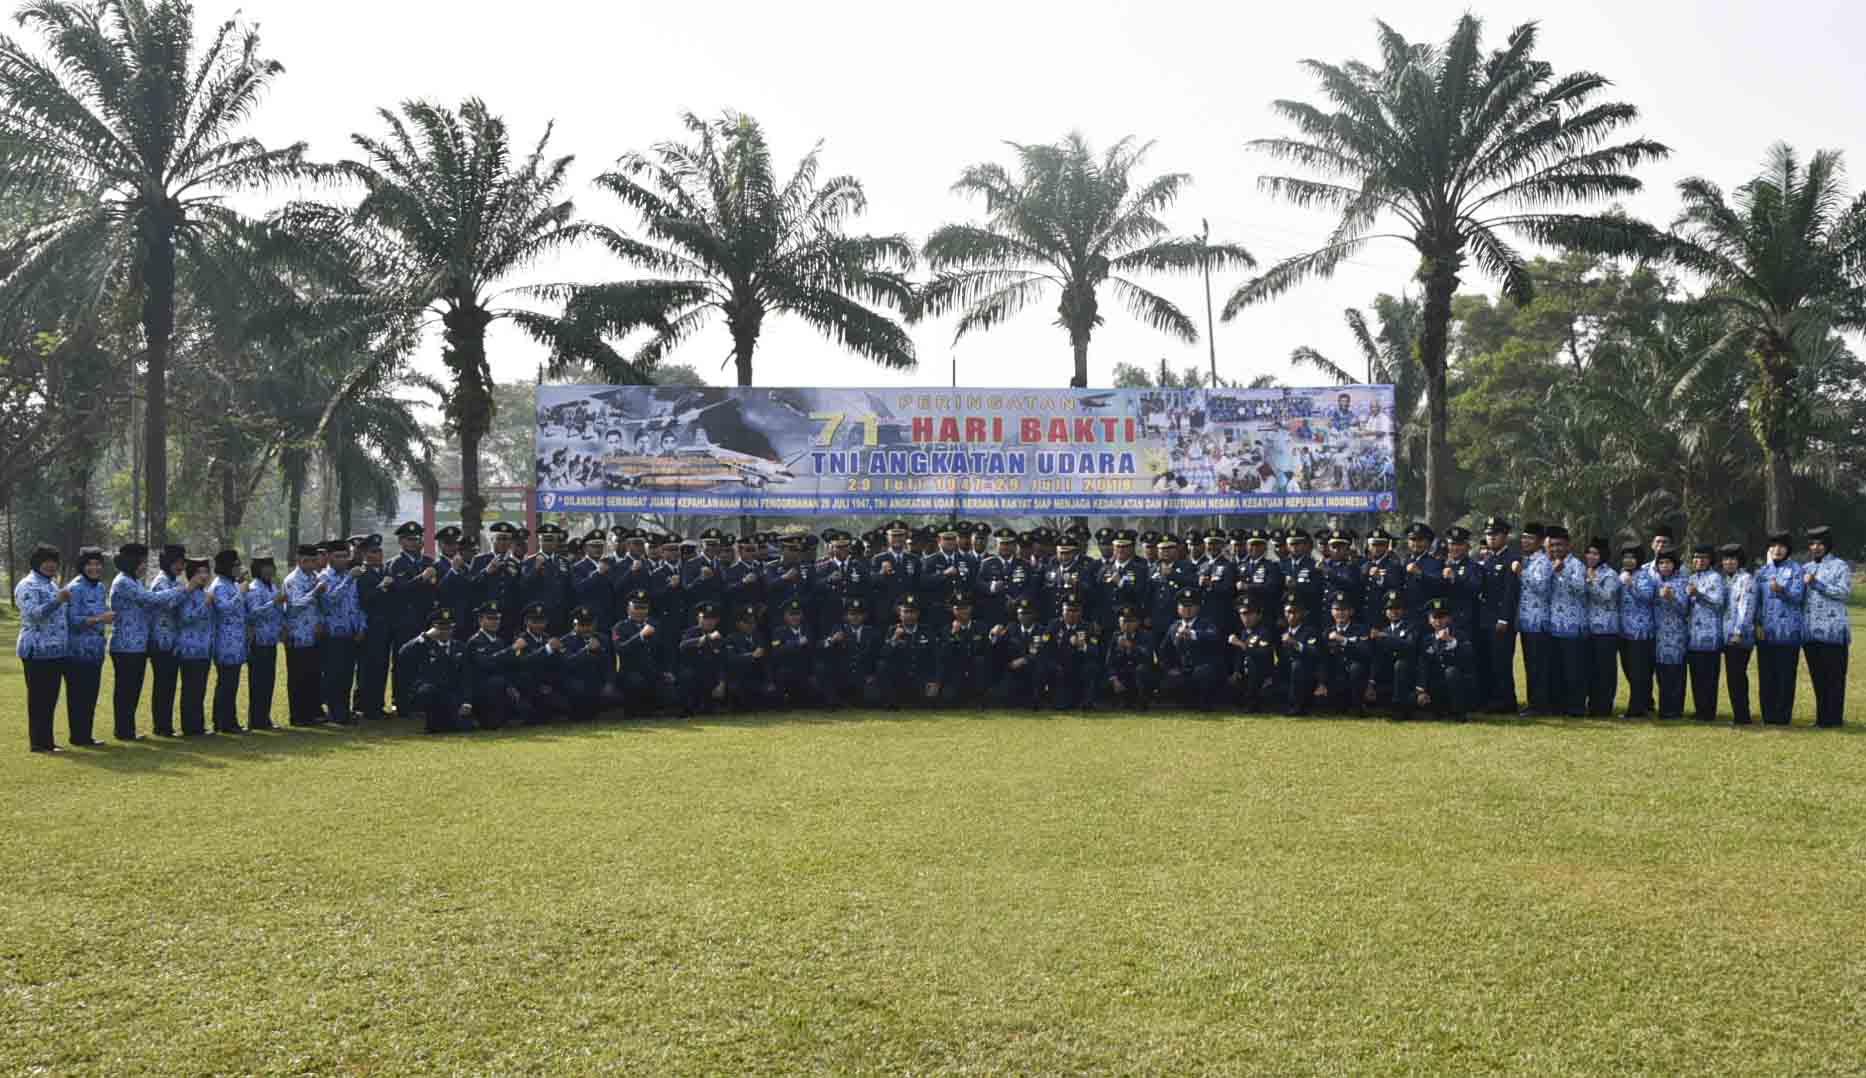 Makna Hari Bakti TNI AU, Teladan Bagi Prajurit TNI AU